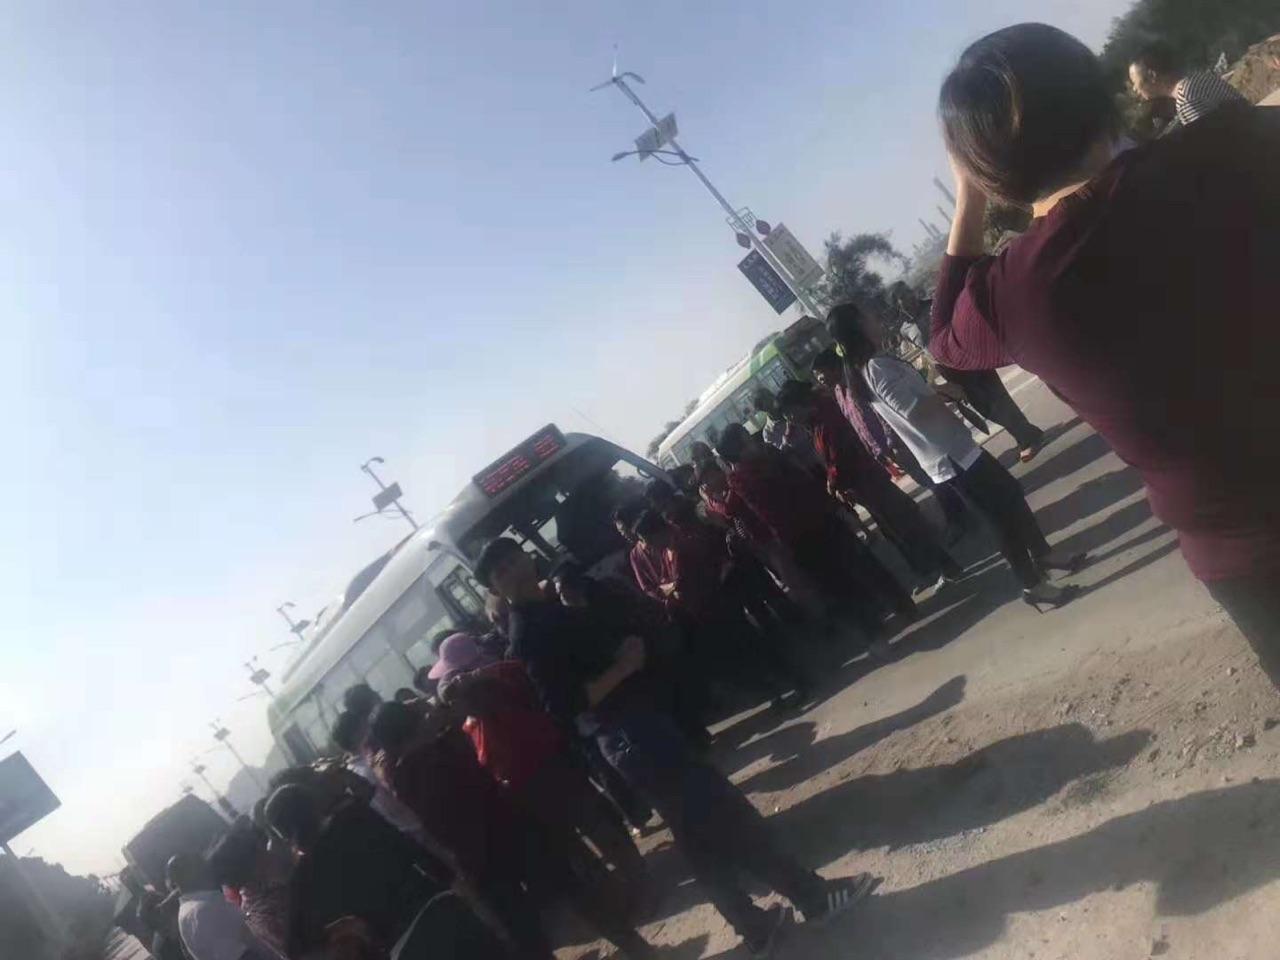 泉港碳九洩漏事件已過去10天,下朱尾村、肖厝村等村民在村路口堵路抗議。圖為11月11日,下朱尾村村民堵路。(受訪者提供)